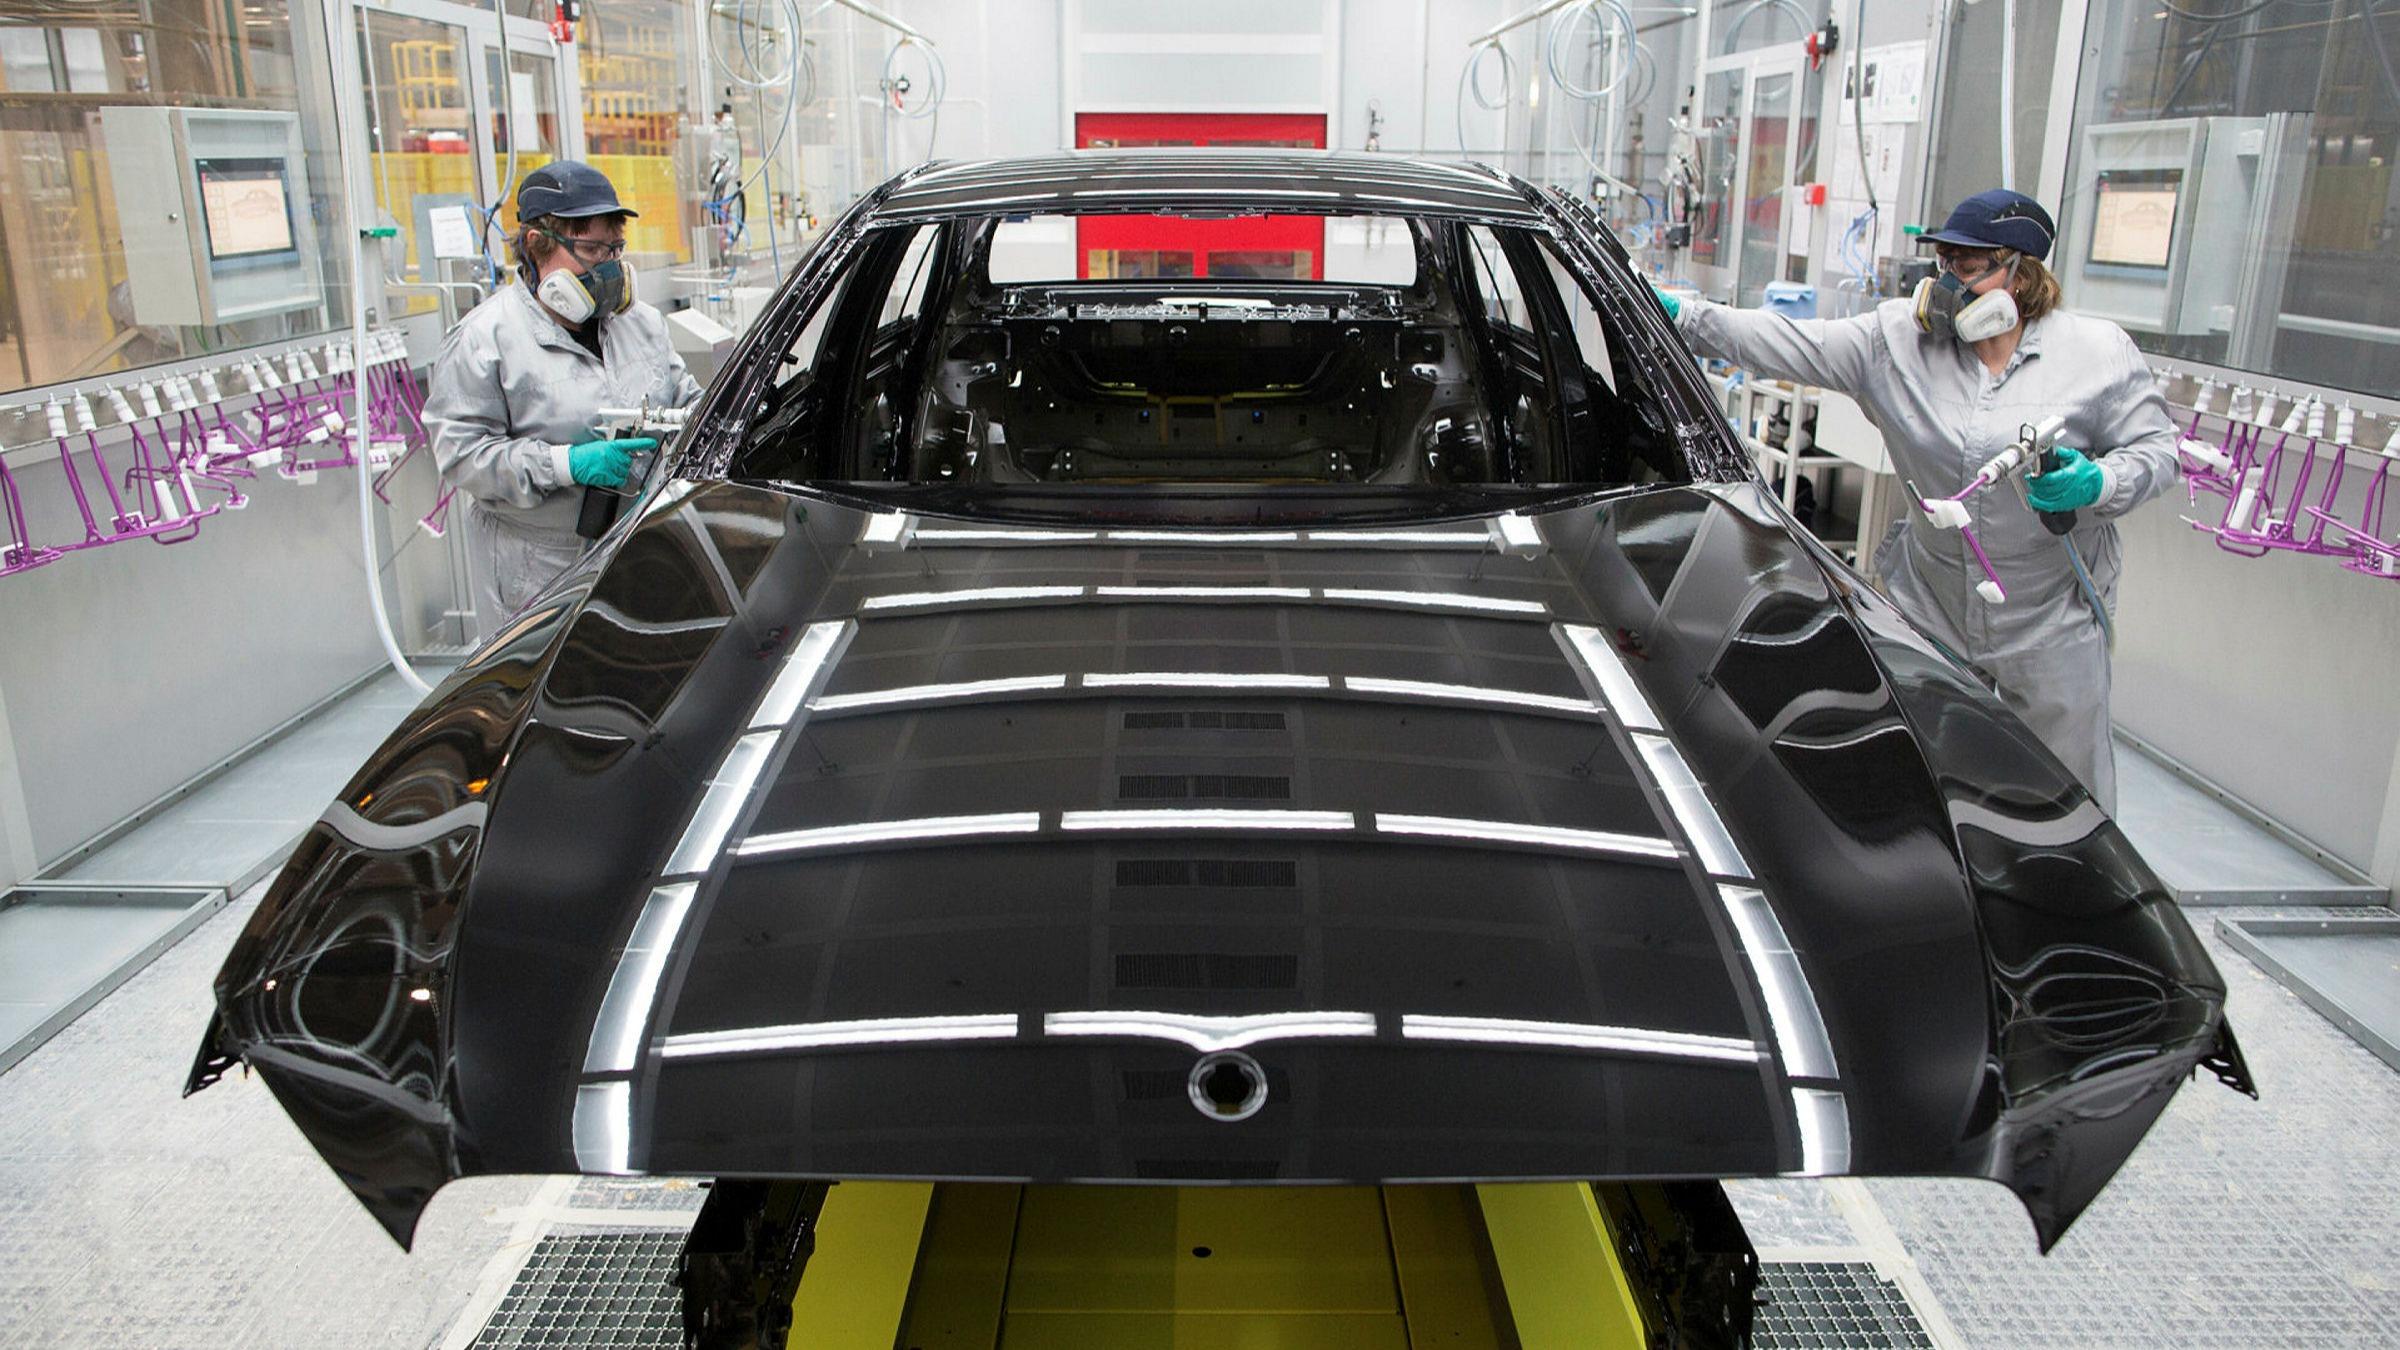 Toyota, Volkswagen và Hyundai 'rộn ràng' khởi động lại các nhà máy sản xuất ô tô ở châu Âu sau dịch Covid - 19 - Ảnh 3.